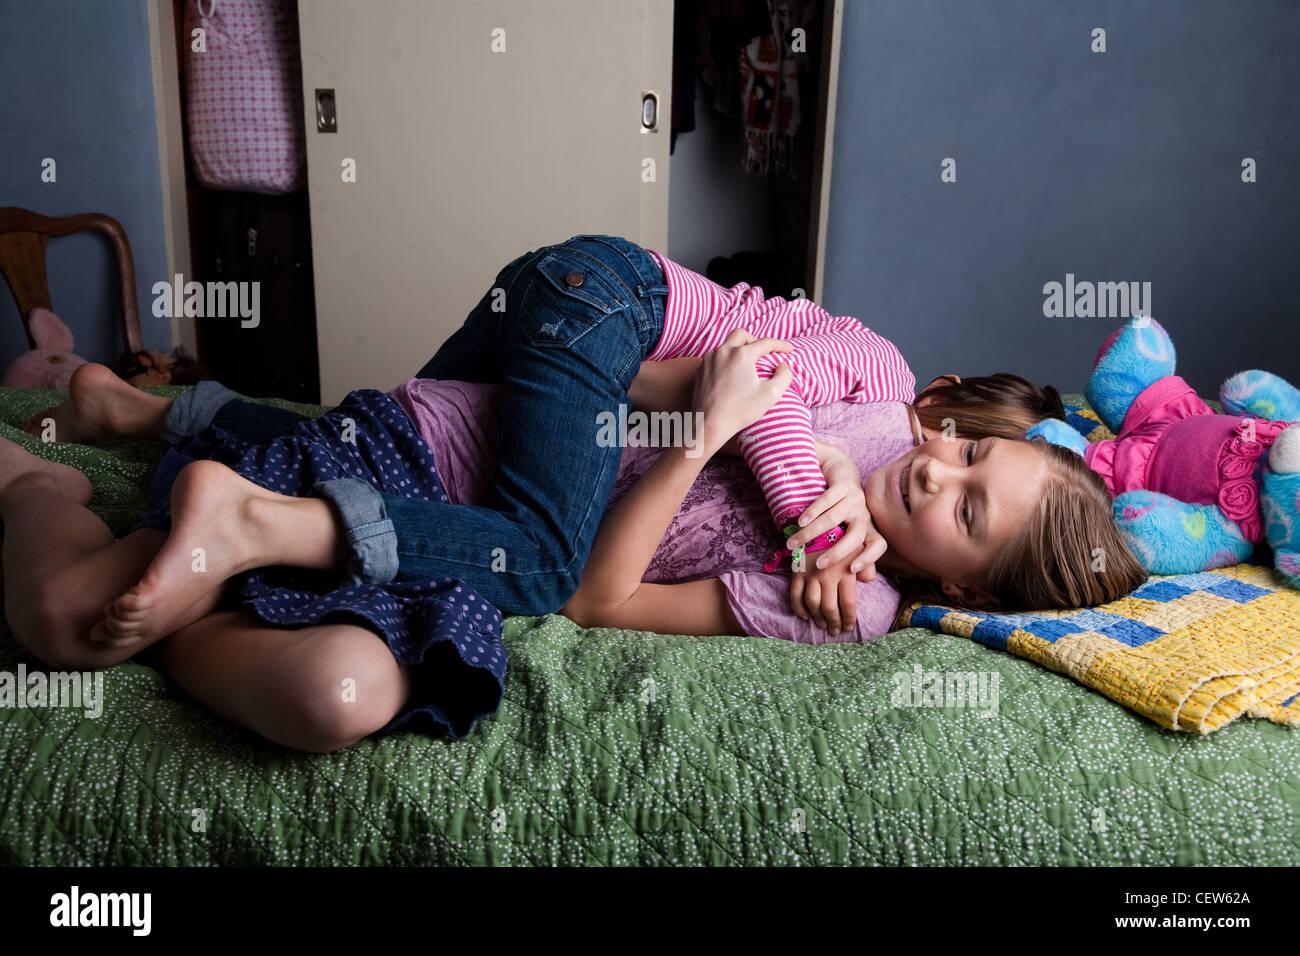 Duas meninas wrestling sobre a cama Imagens de Stock